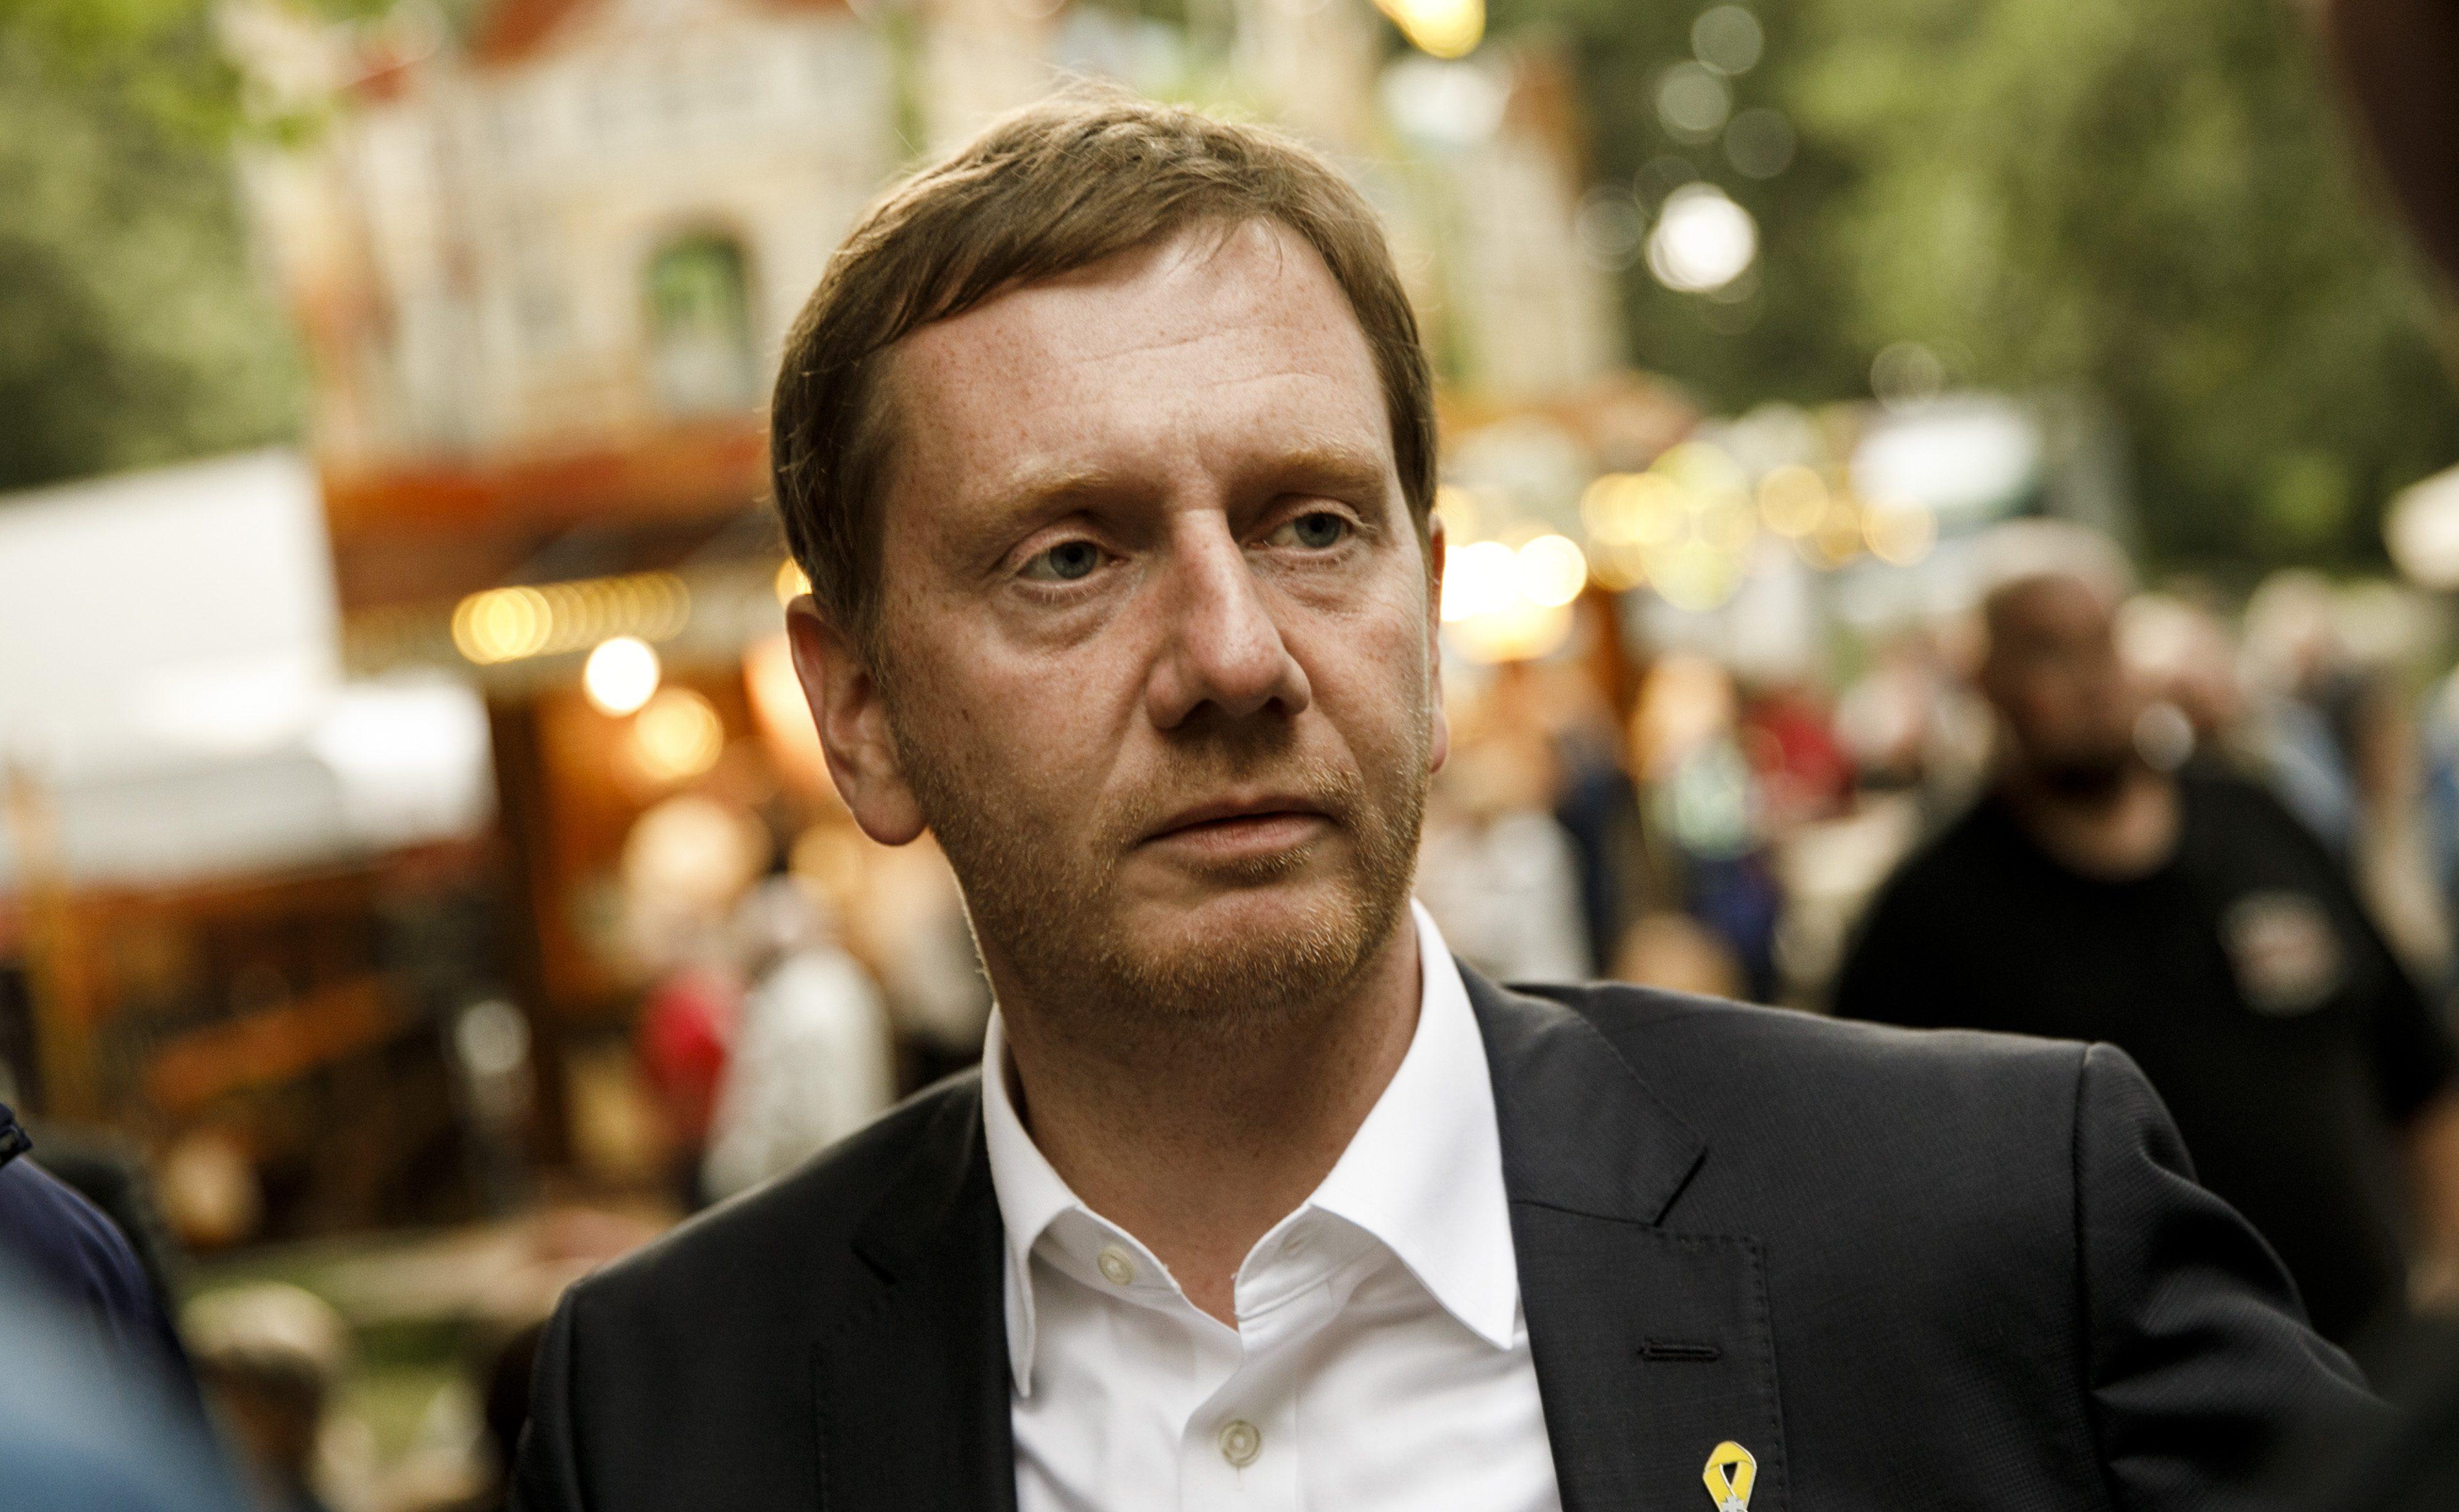 Mehrere Politiker verstoßen gegen Corona-Auflagen – Kretschmer von Bürger angezeigt